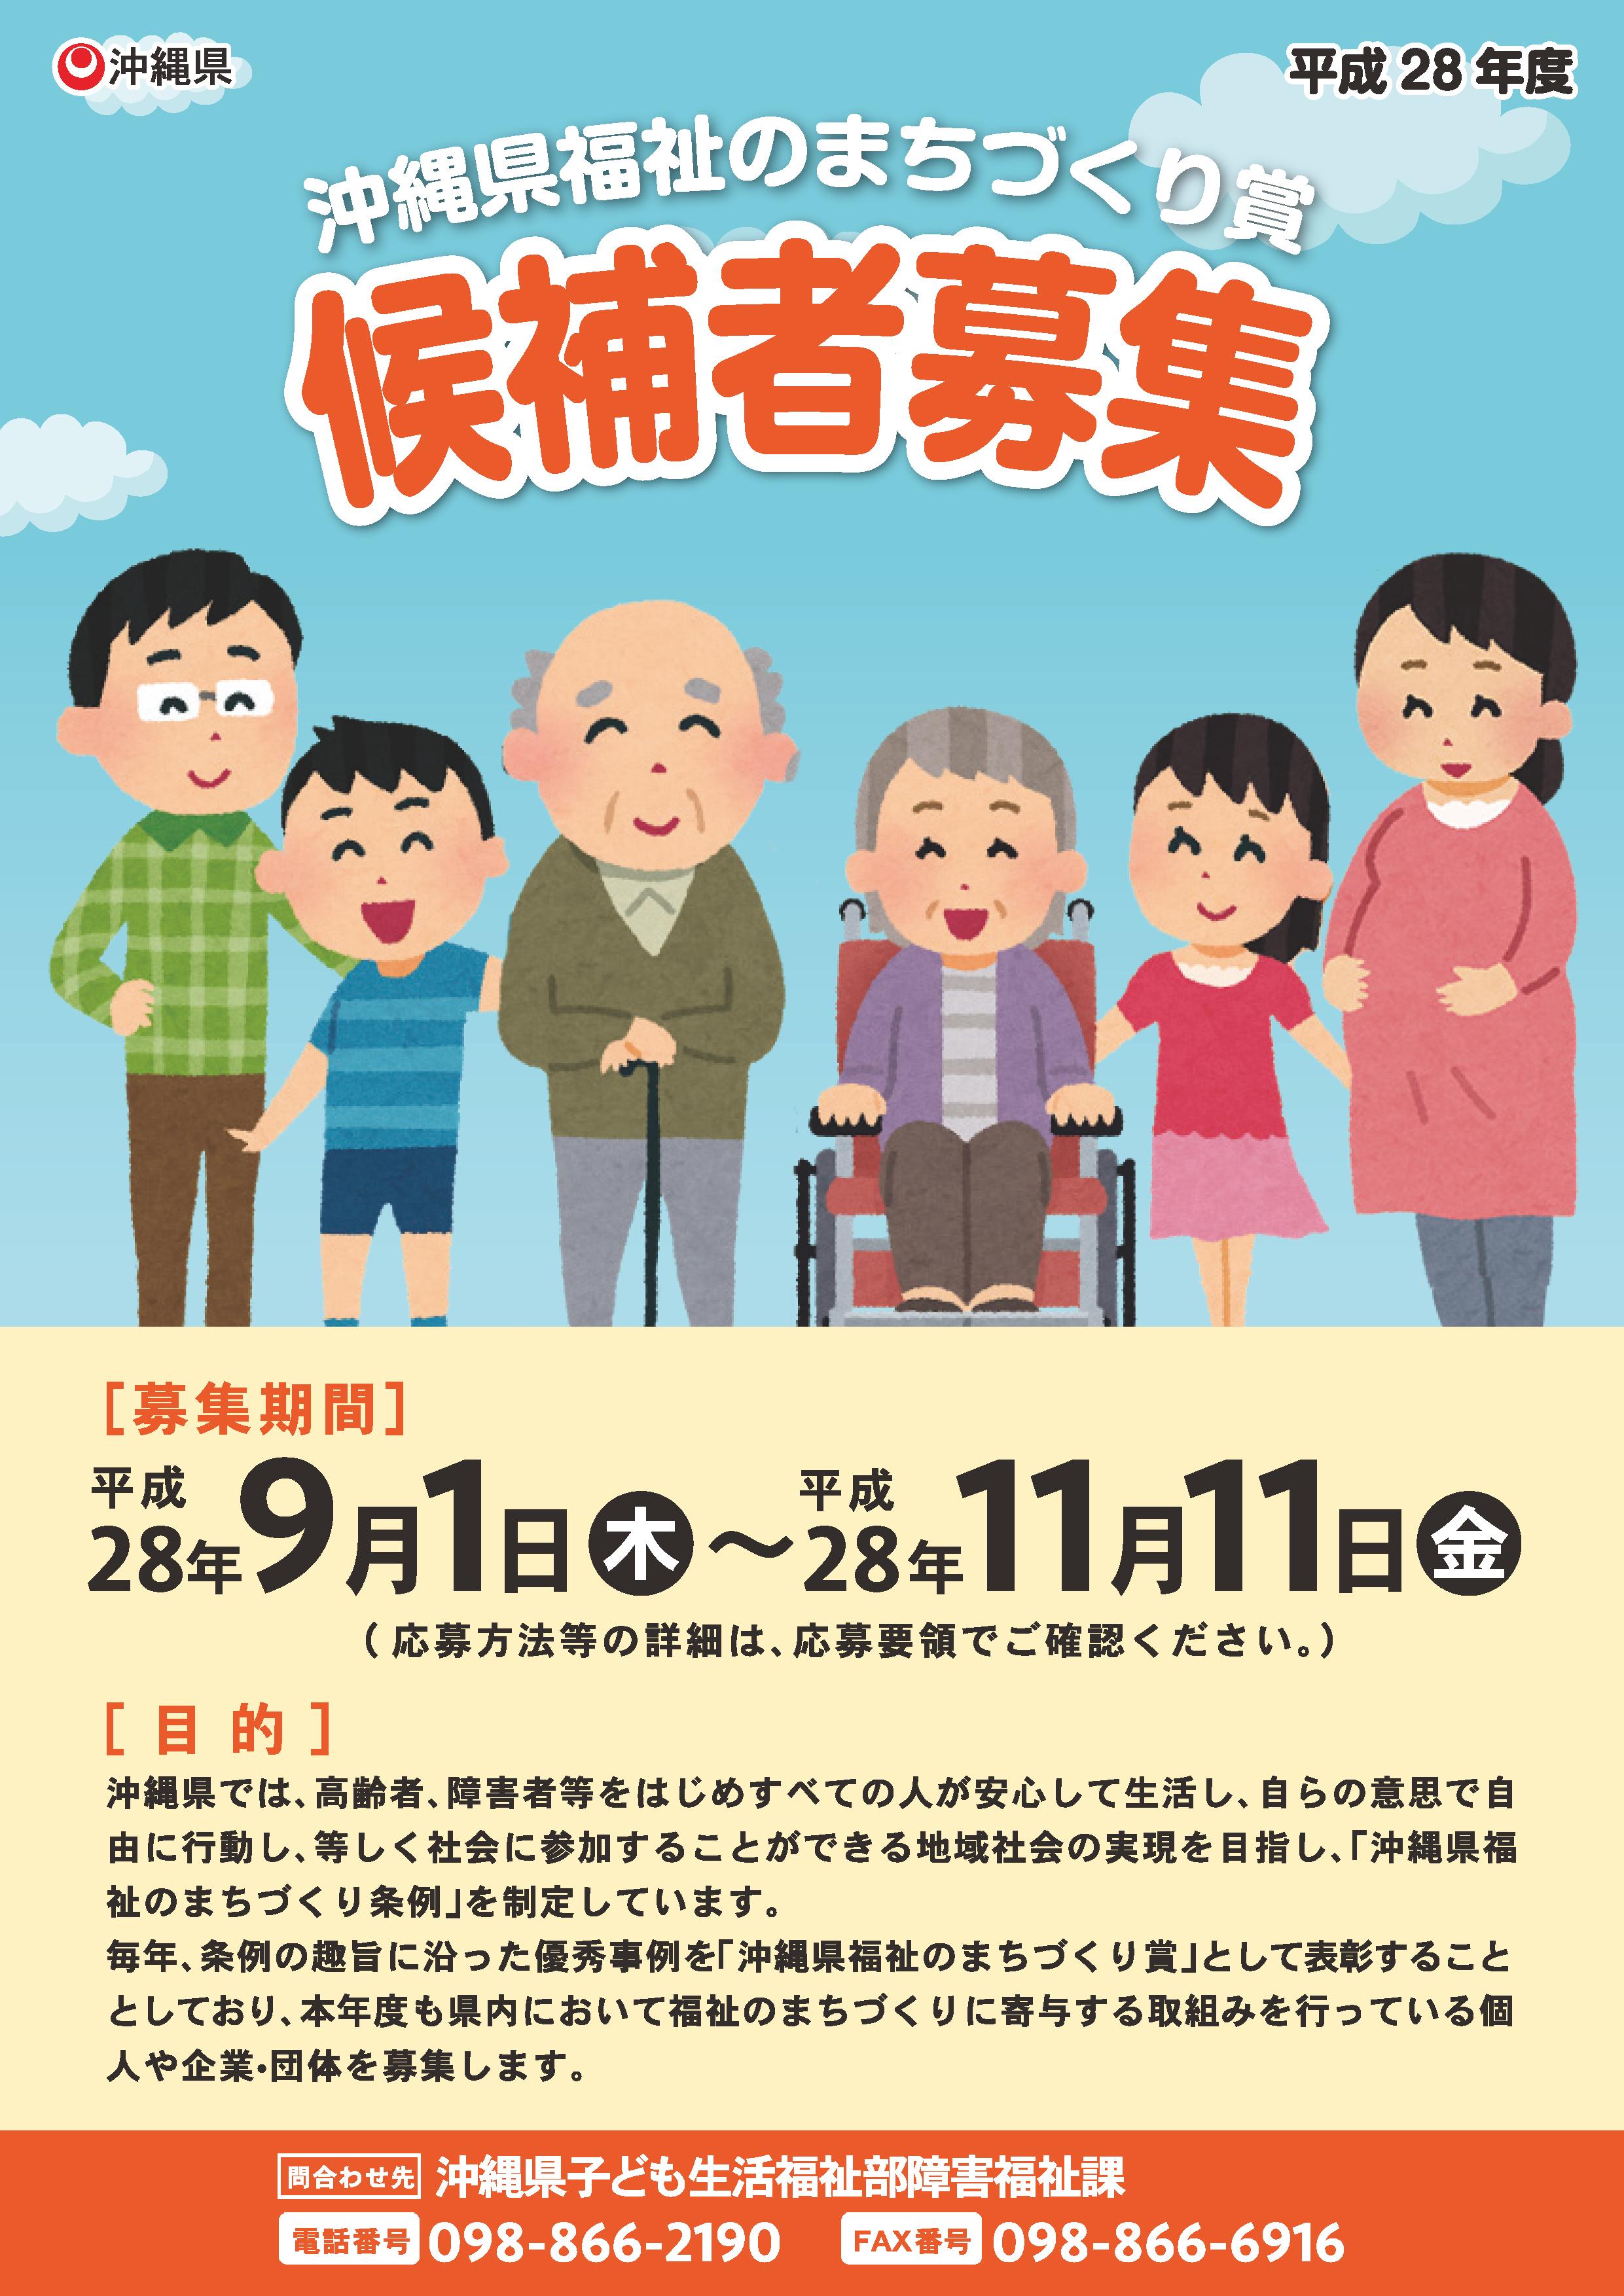 平成28年度 沖縄県福祉のまちづくり賞候補者募集